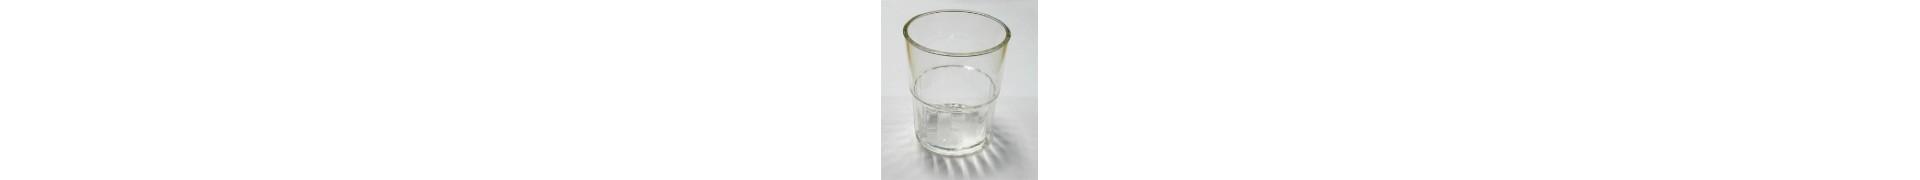 Vaisselle en polycarbonate